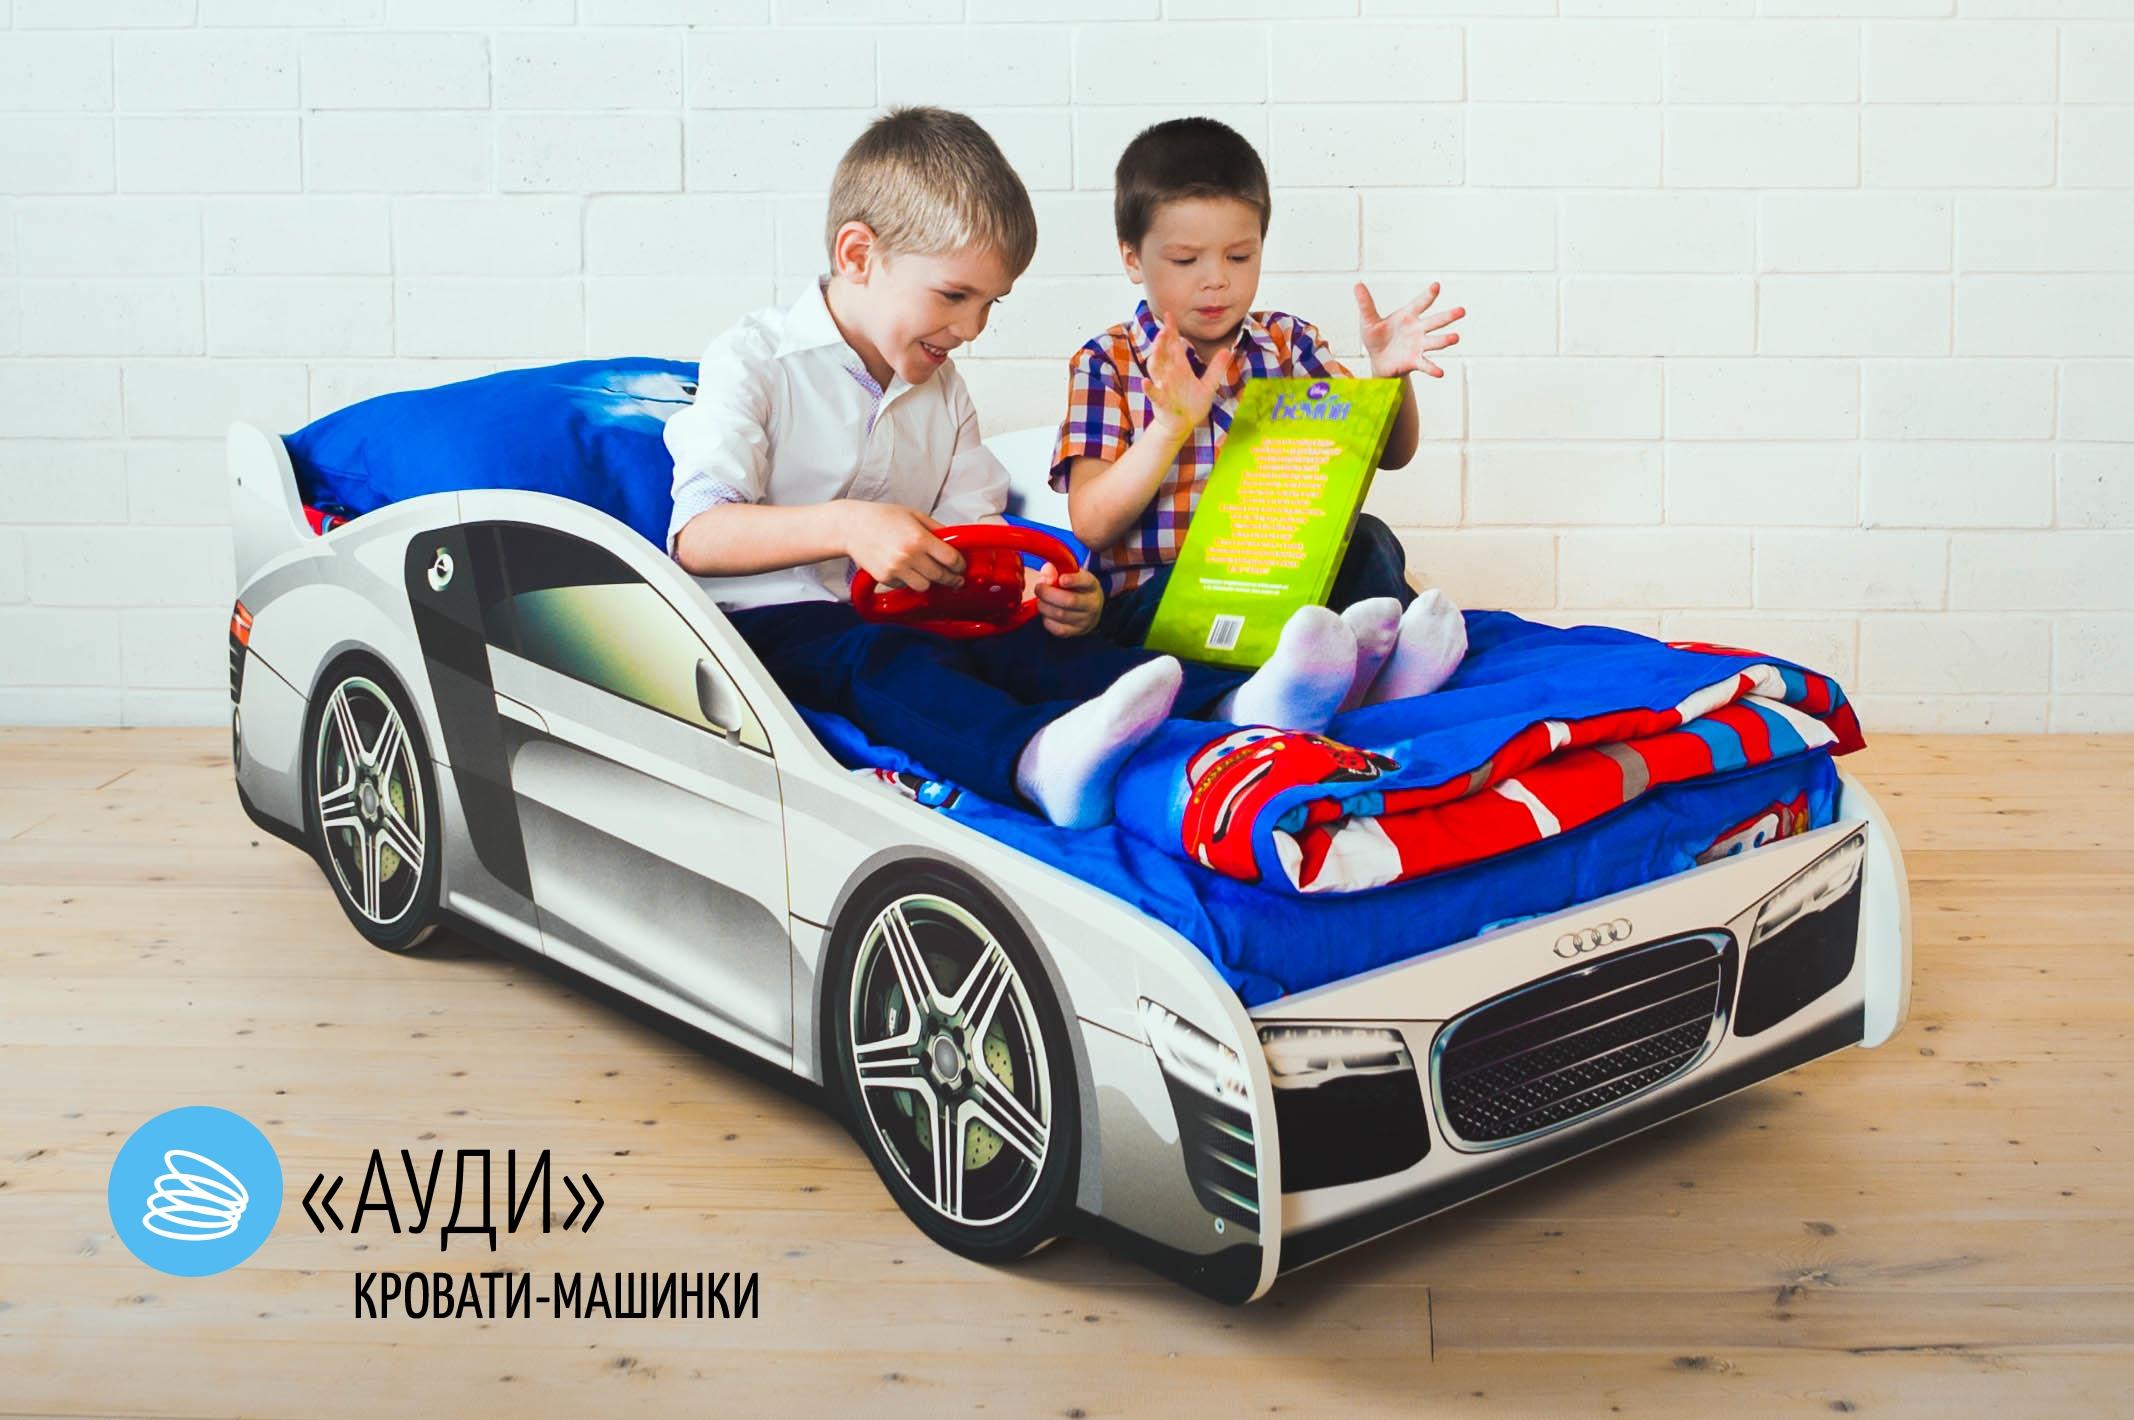 Детская кровать-машина -Ауди-6